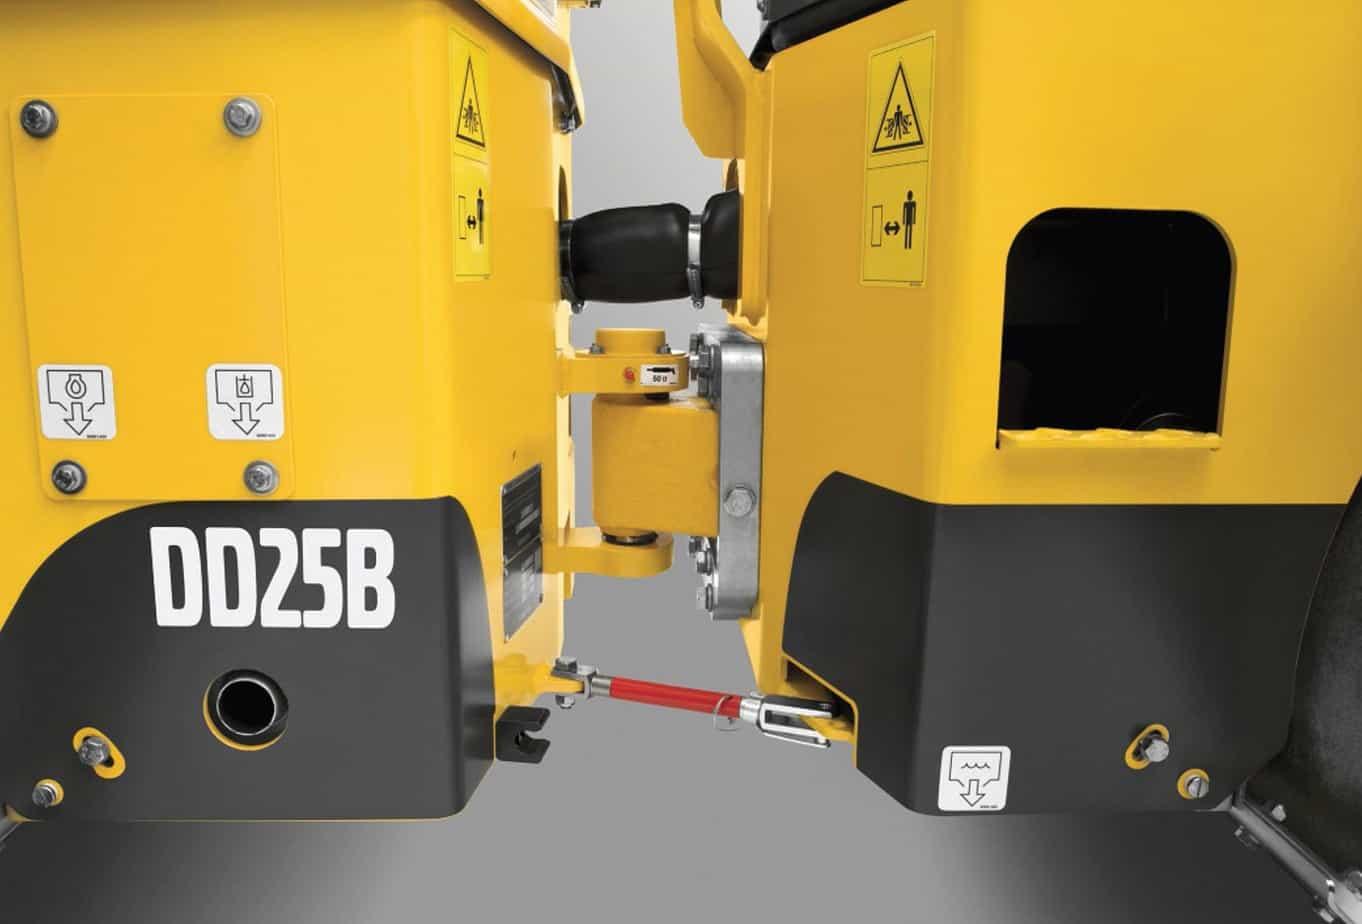 Il rullo Volvo DD25B è uno dei modelli più robusti sul mercato e richiede una manutenzione minima